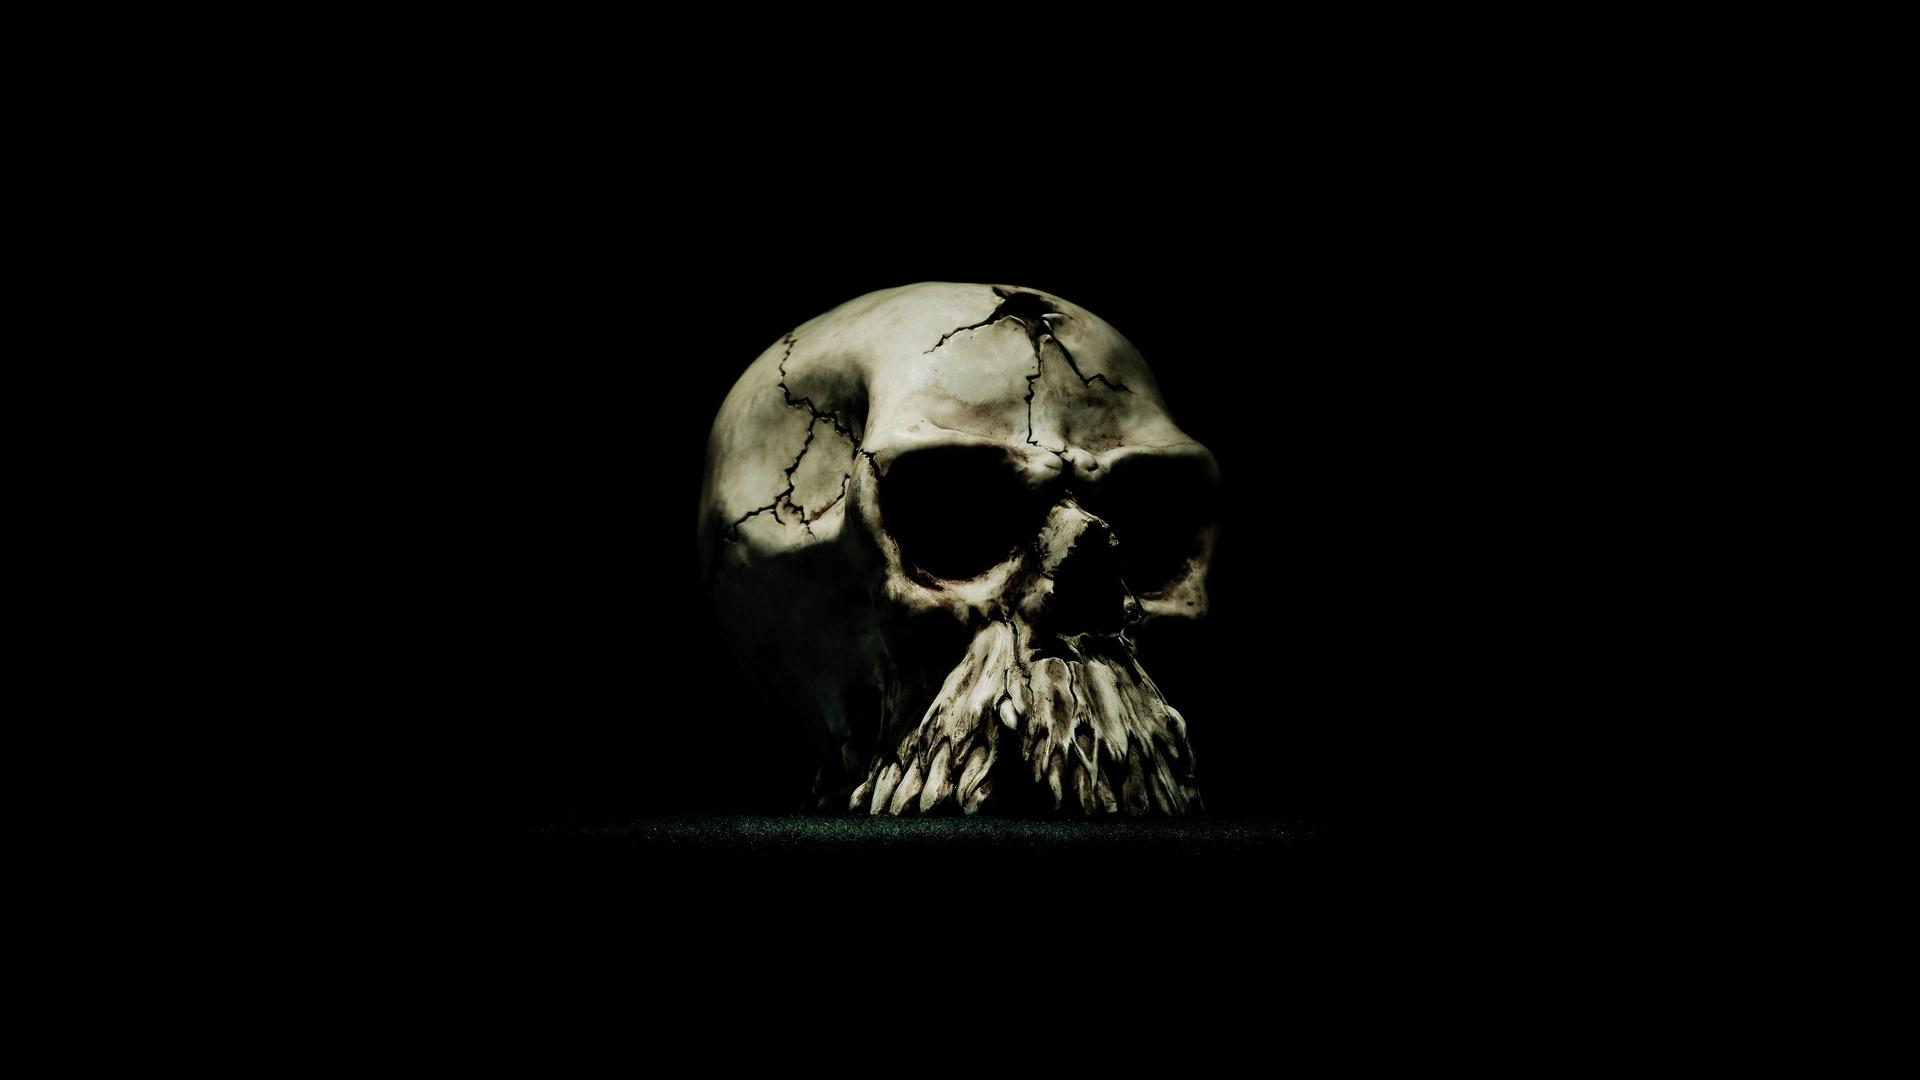 Skull Wallpaper Hd wallpaper   300933 1920x1080